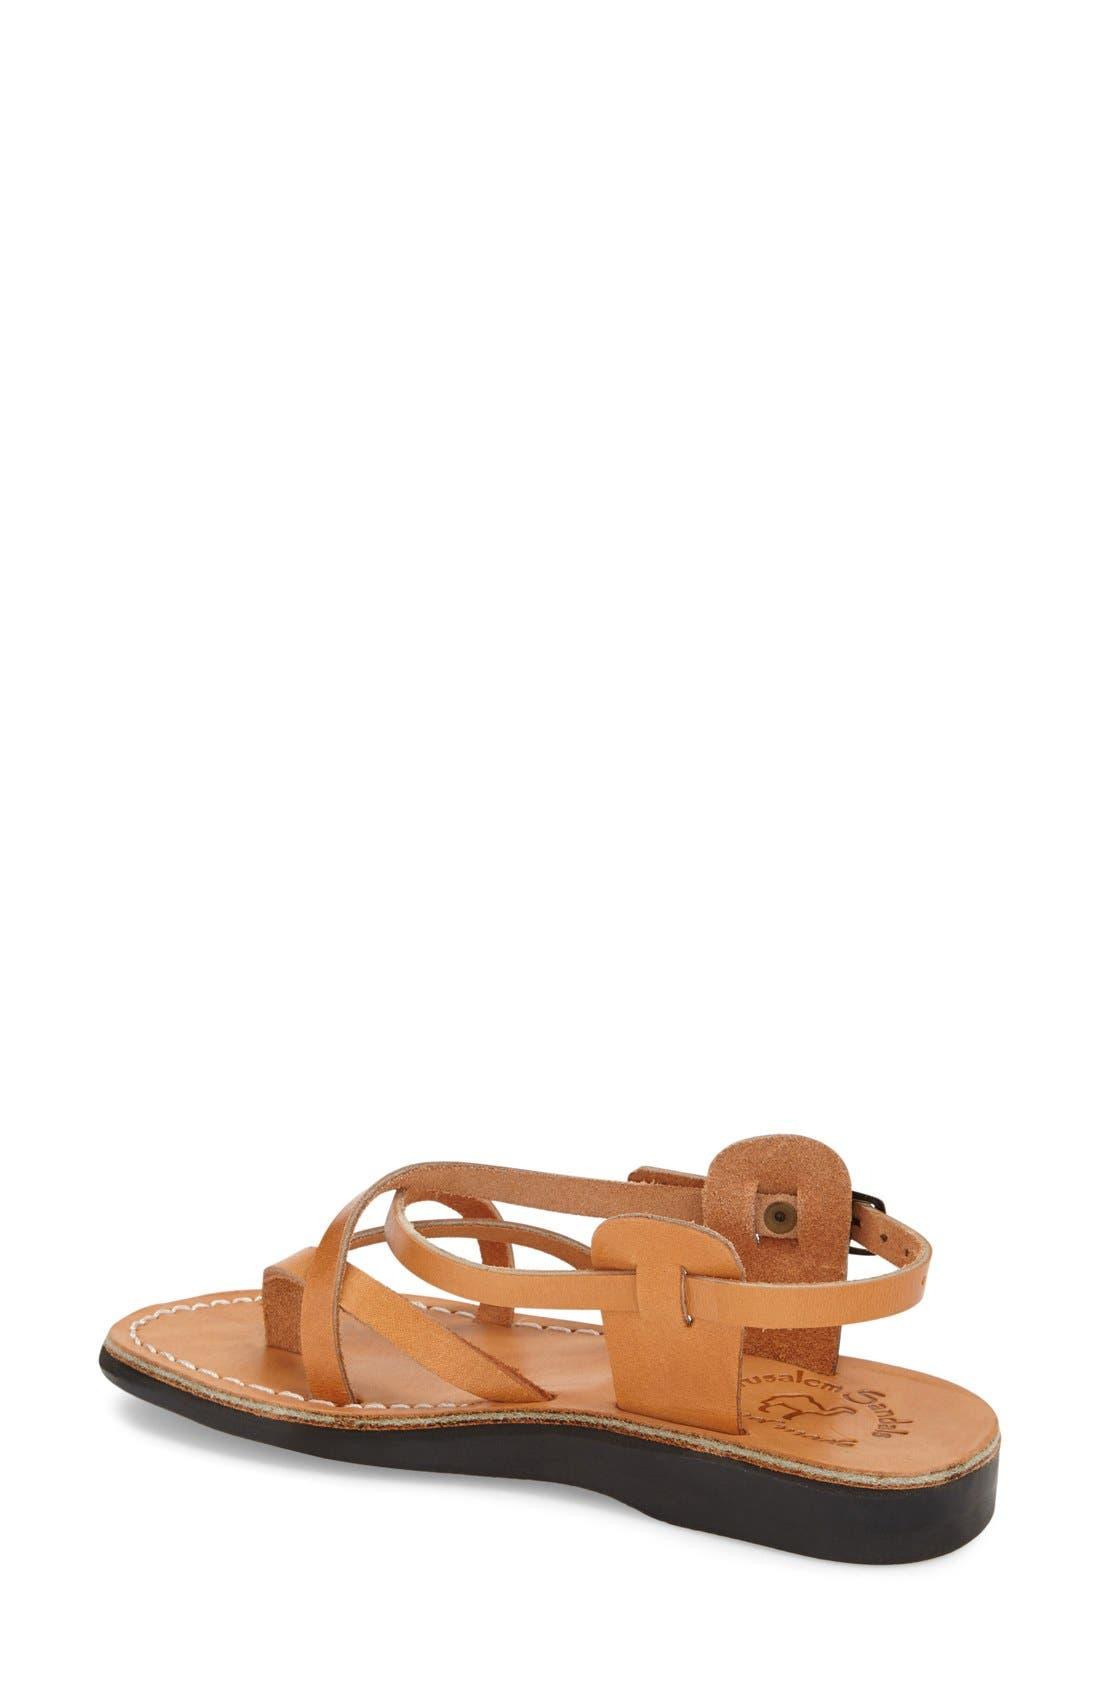 Alternate Image 2  - Jerusalem Sandals 'Tamar' Strappy Sandal (Women)